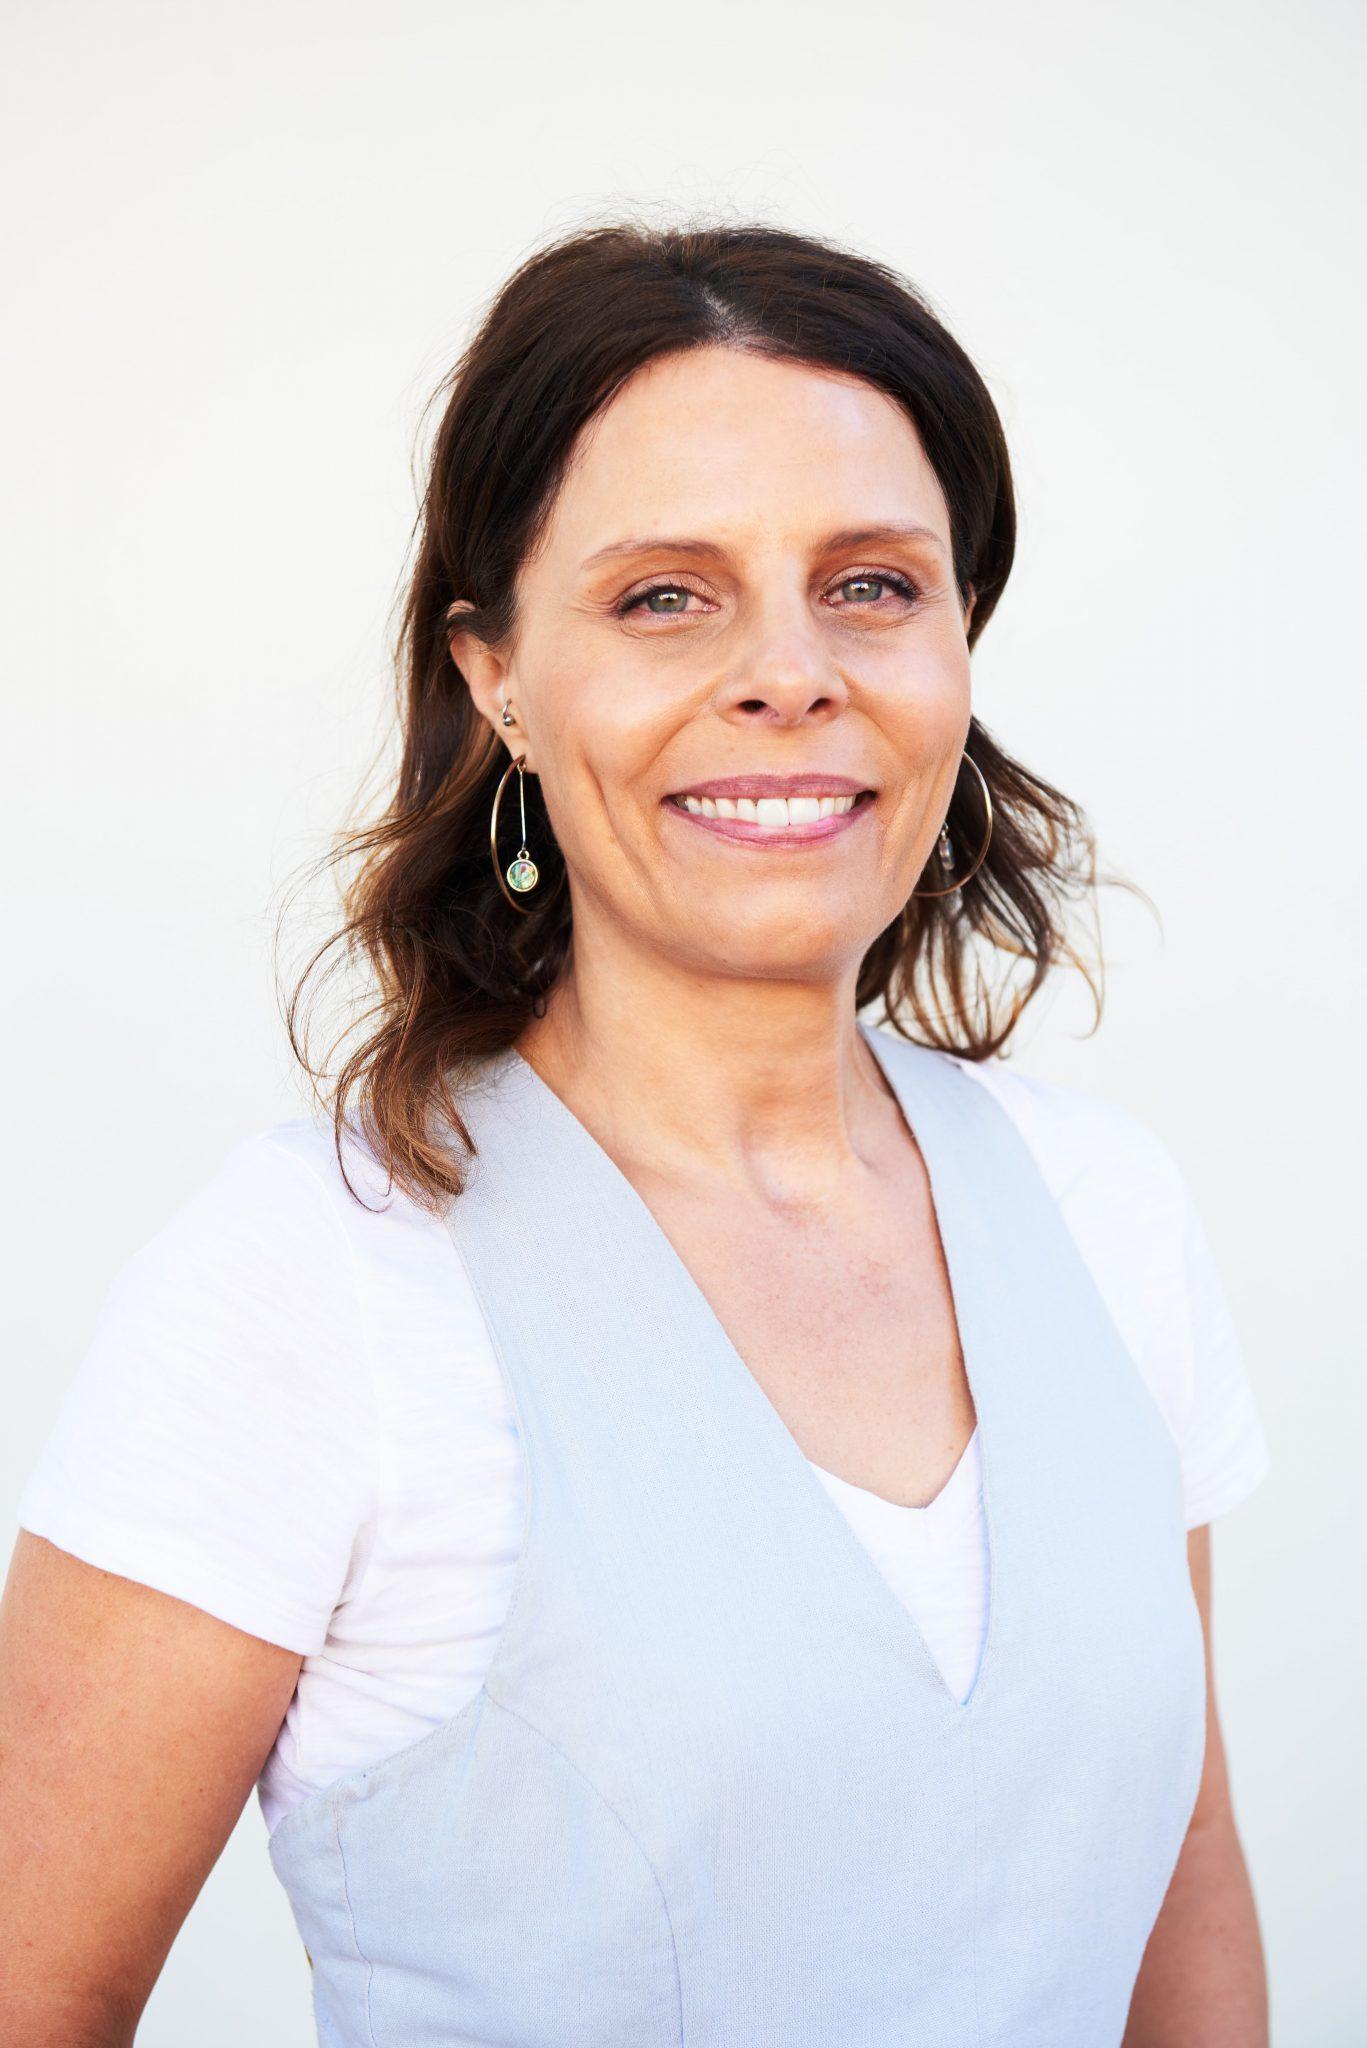 Photo of Founder - Cynthia White